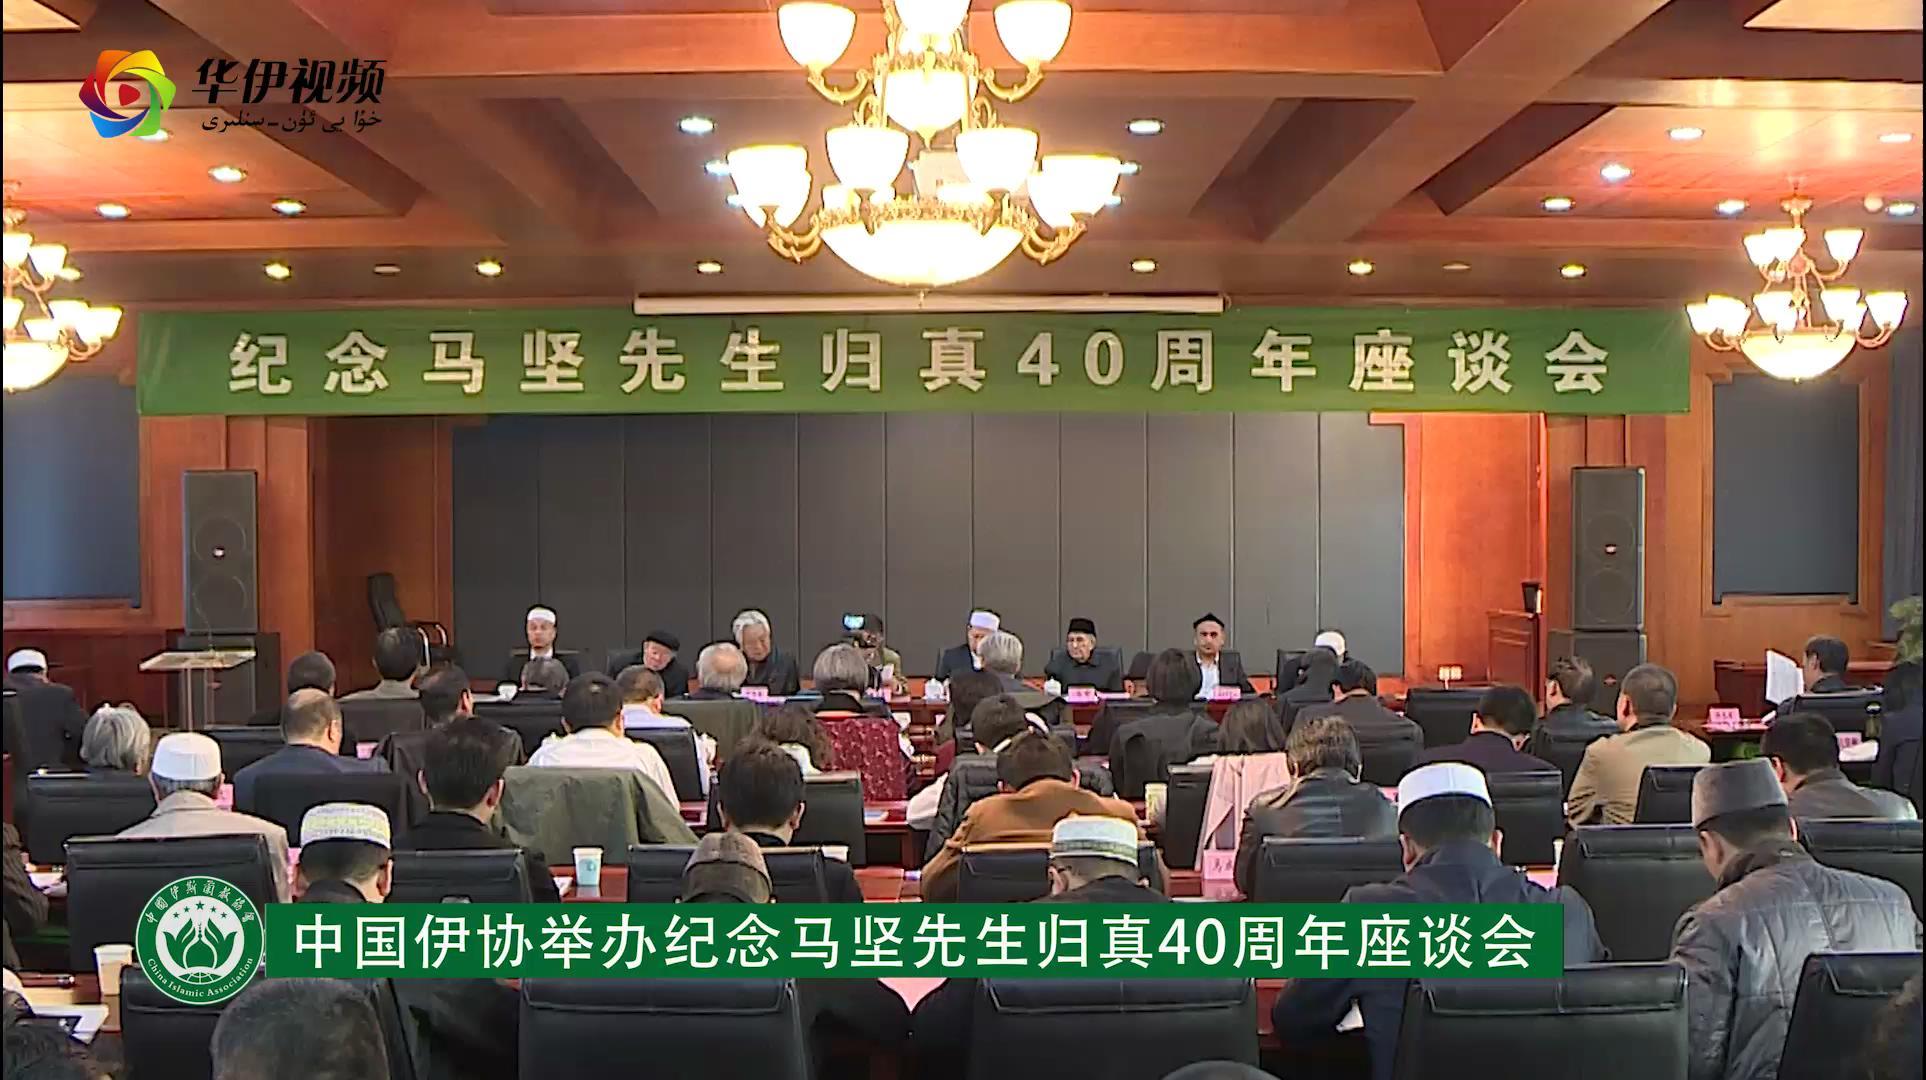 中国伊协举办纪念马坚先生归真40周年座谈会